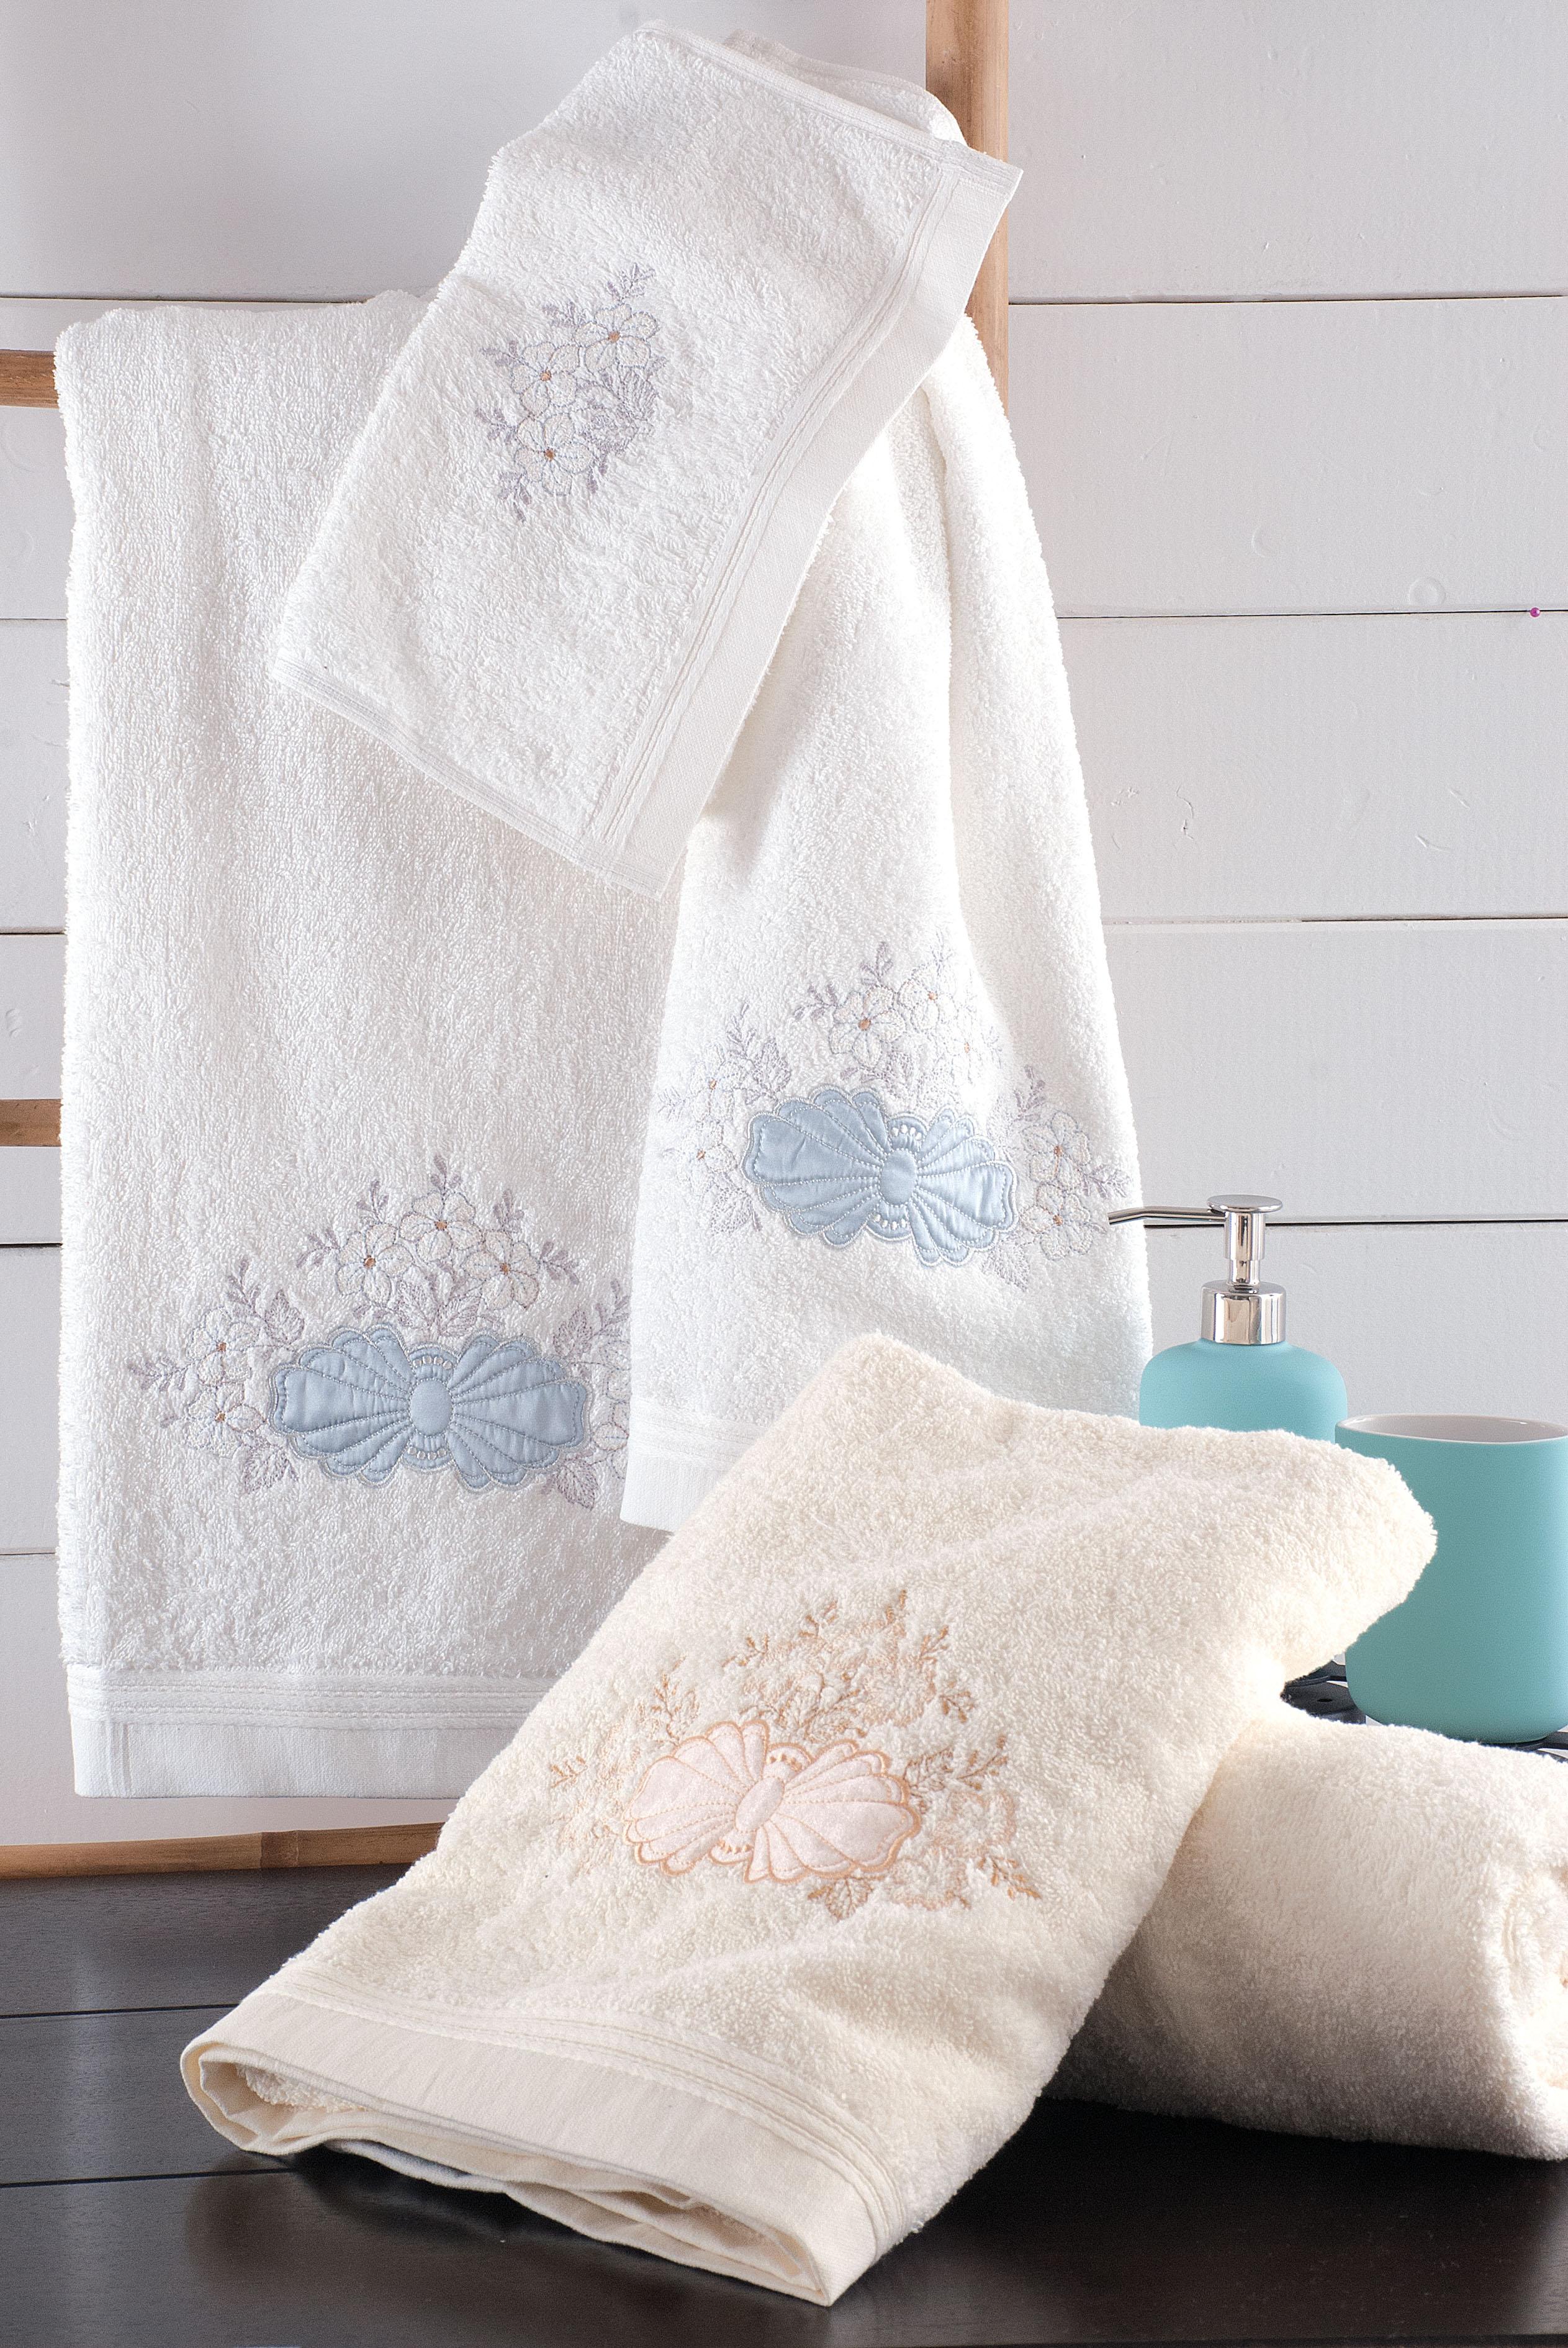 Σετ πετσέτες 3 τεμ. με κέντημα CORA WHITE-GREY, RYTHMOS HOME μπανιο   σετ πετσέτες mπάνιου